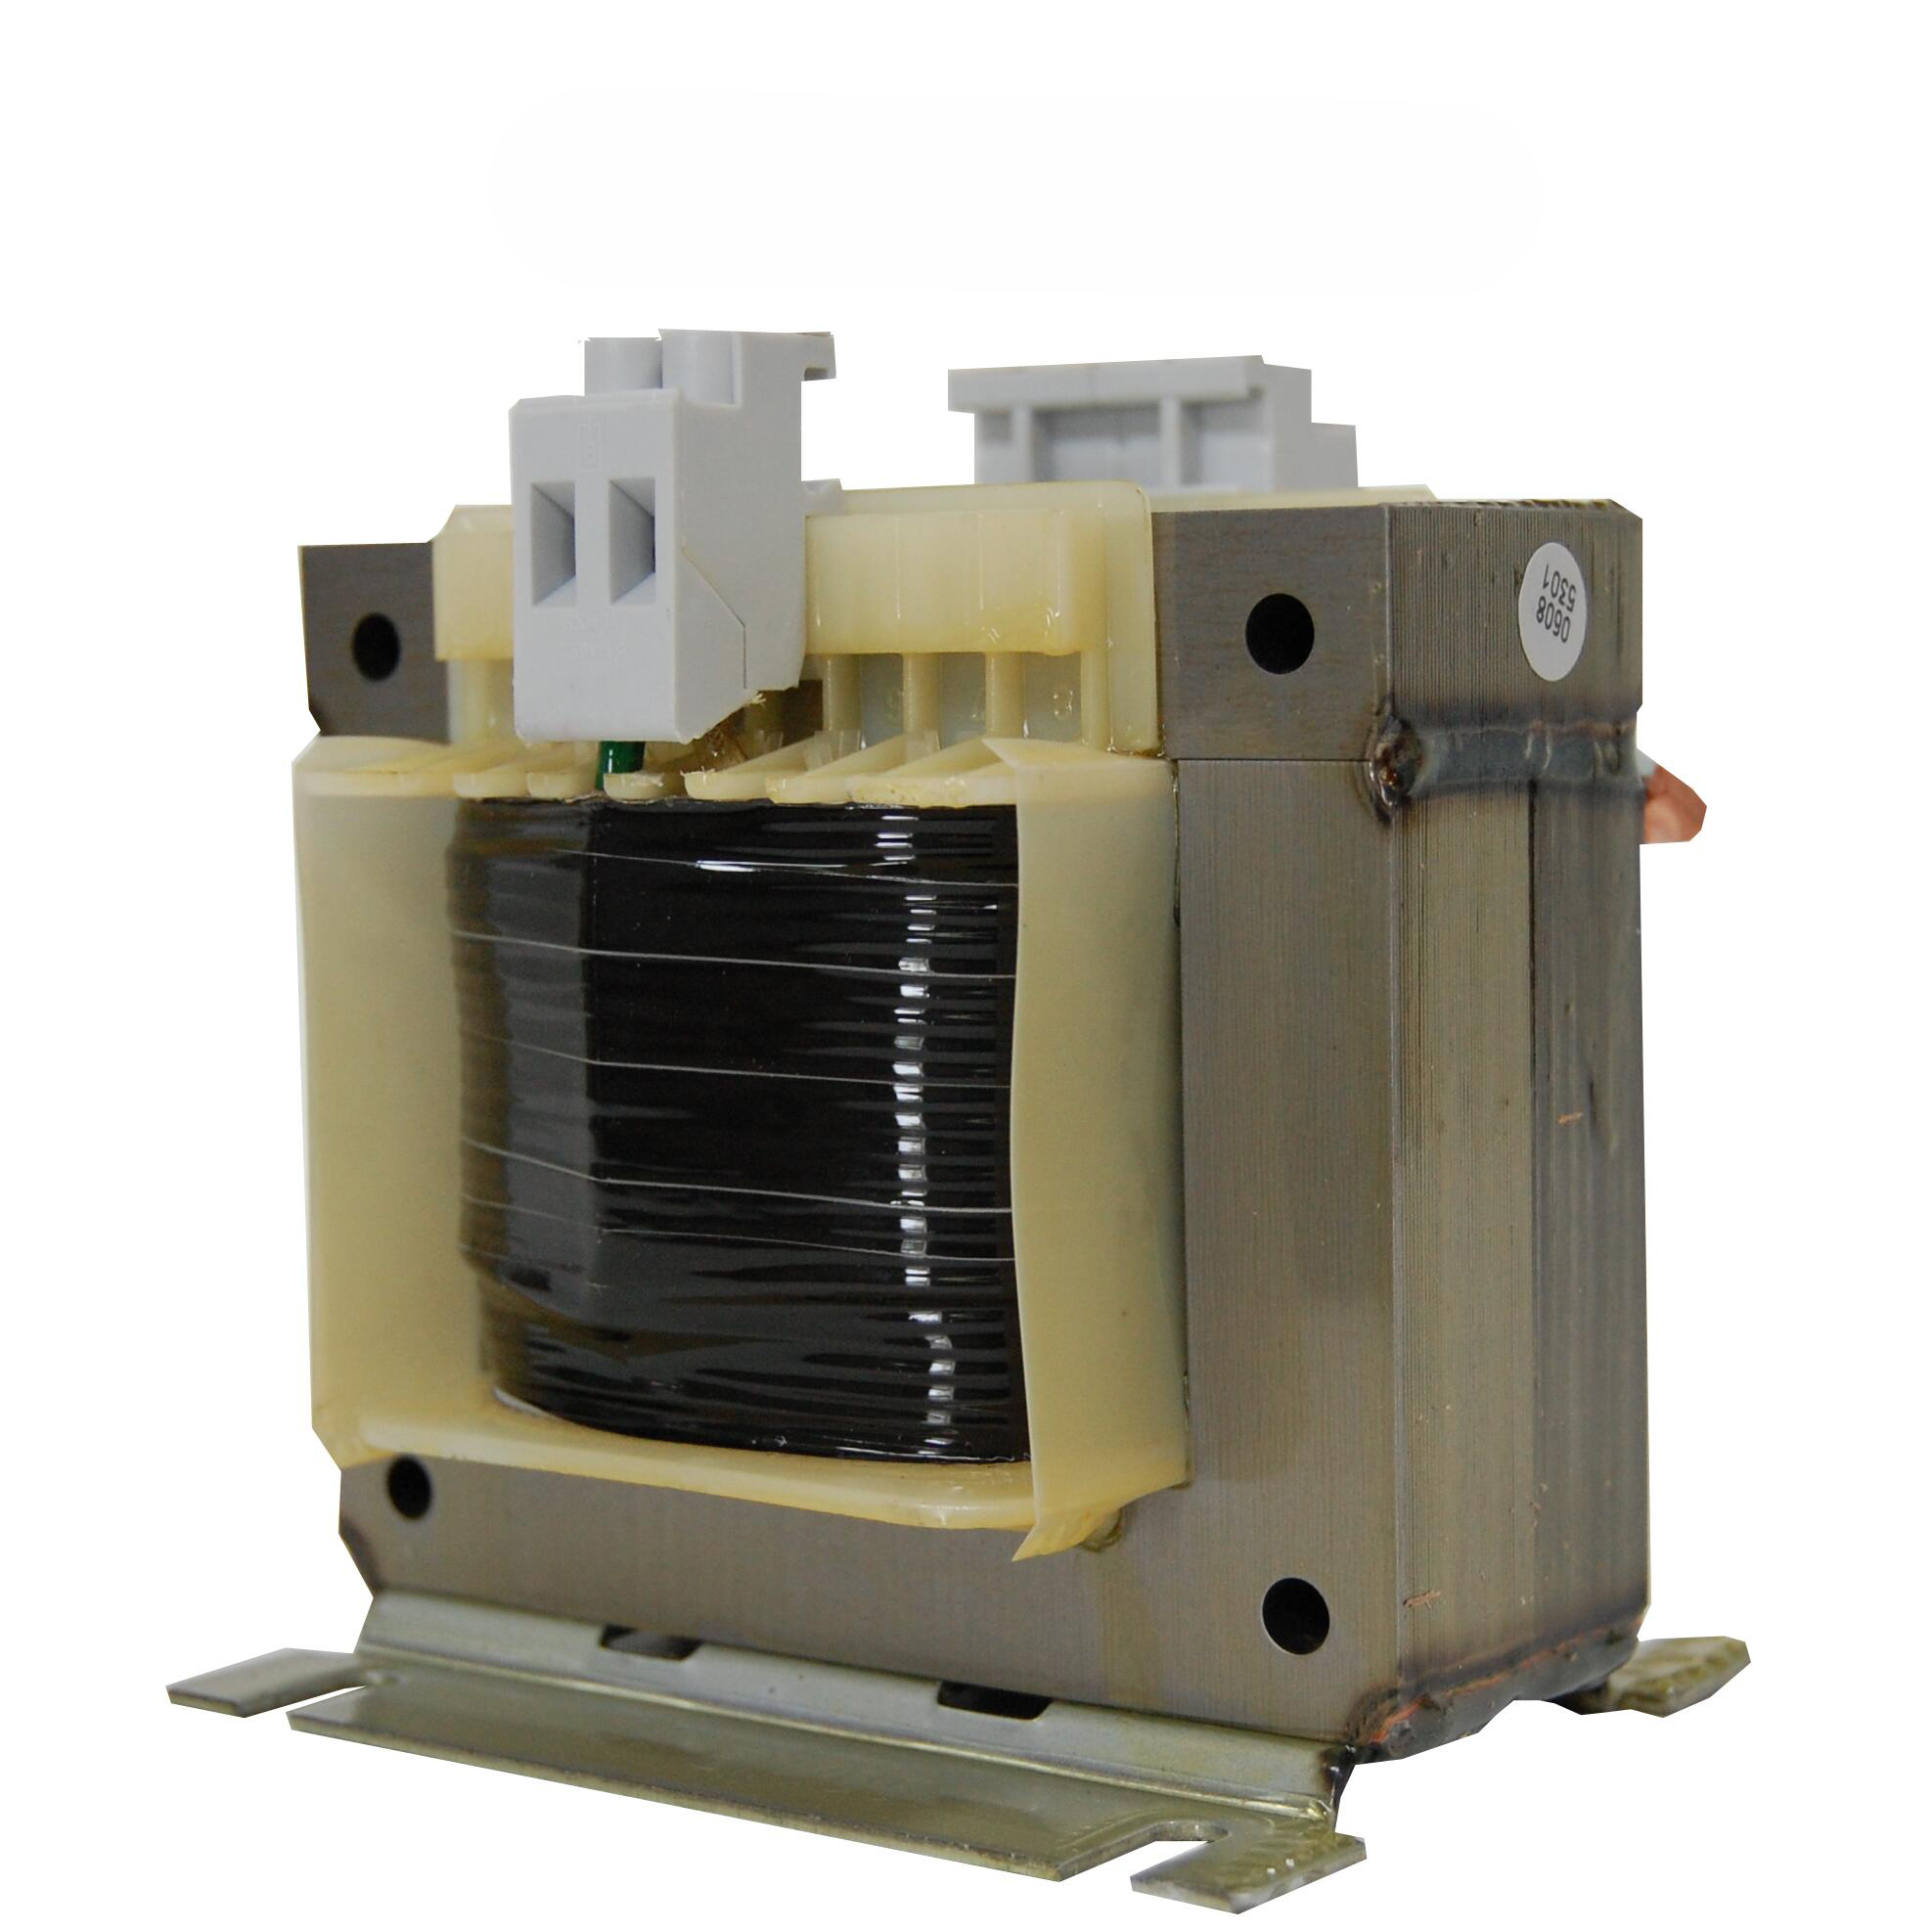 1 Stk Einphasen Steuertransformator 400/24V, 30VA, IP00 LP603003T-